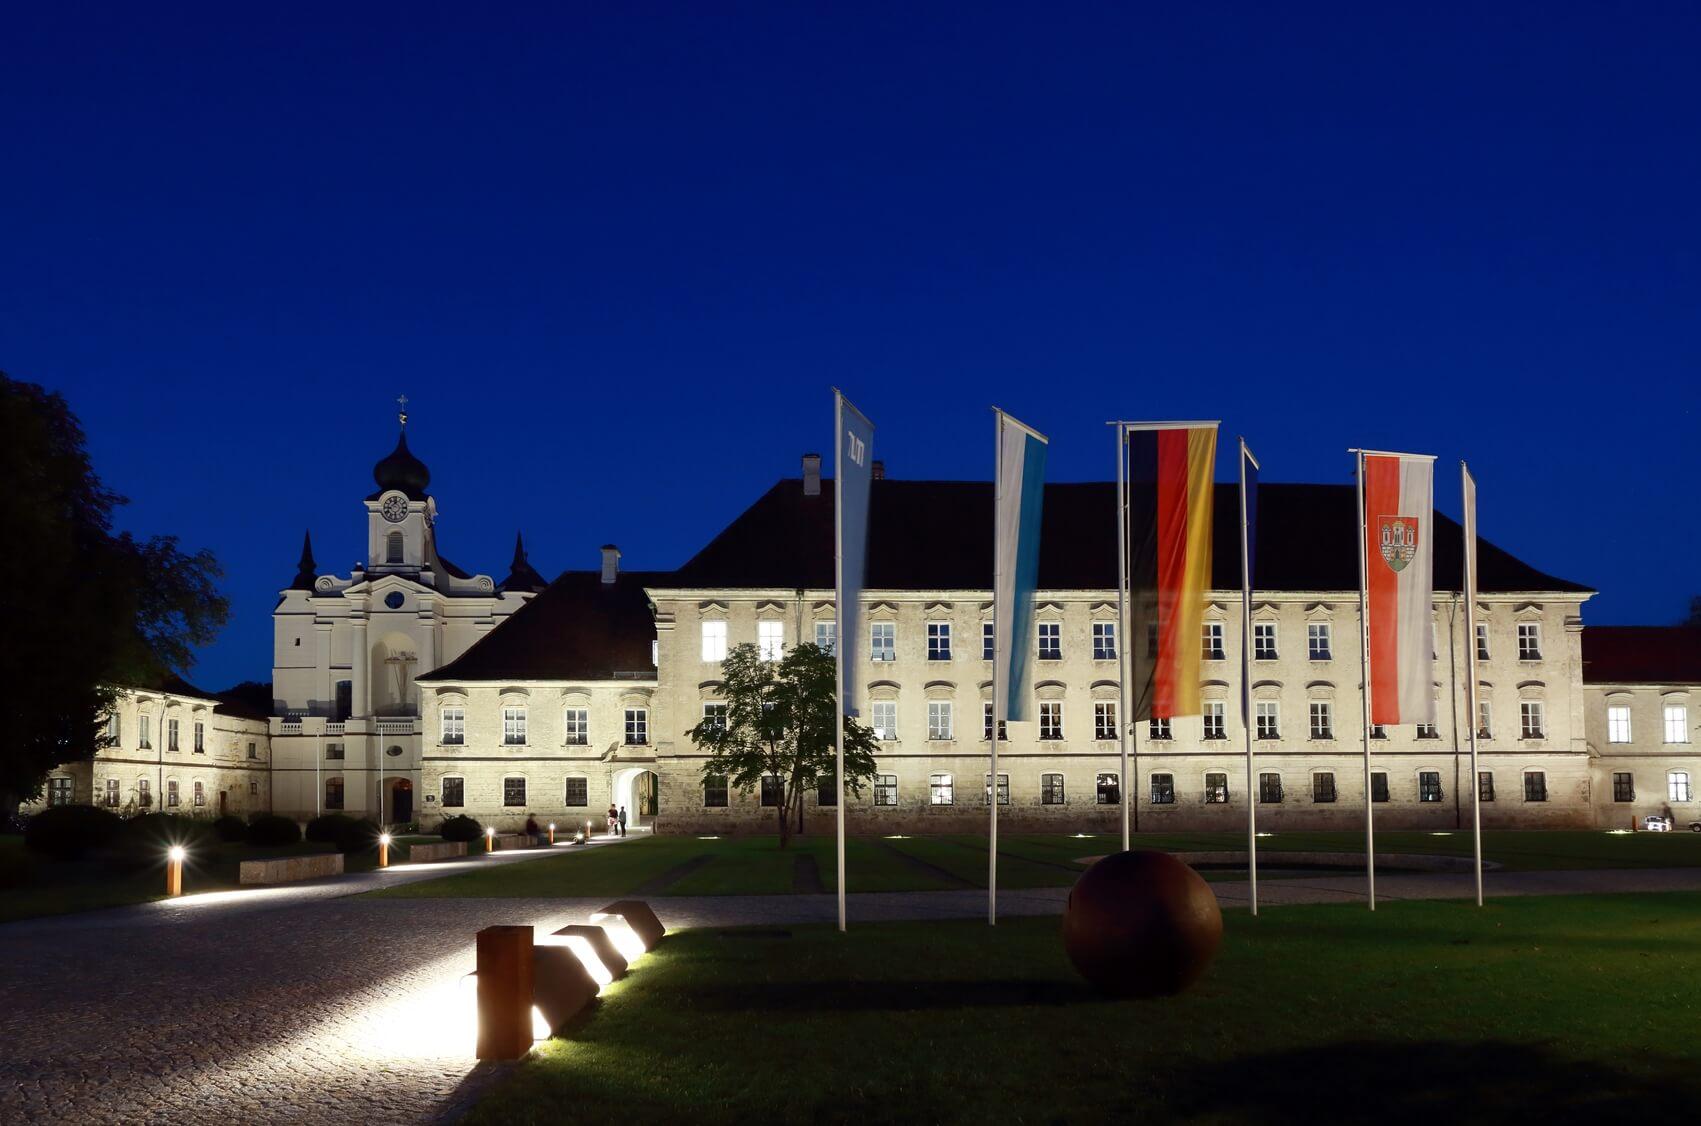 kloster-raitenhaslach-gesamtansicht-mit-fahnen-bei-nacht